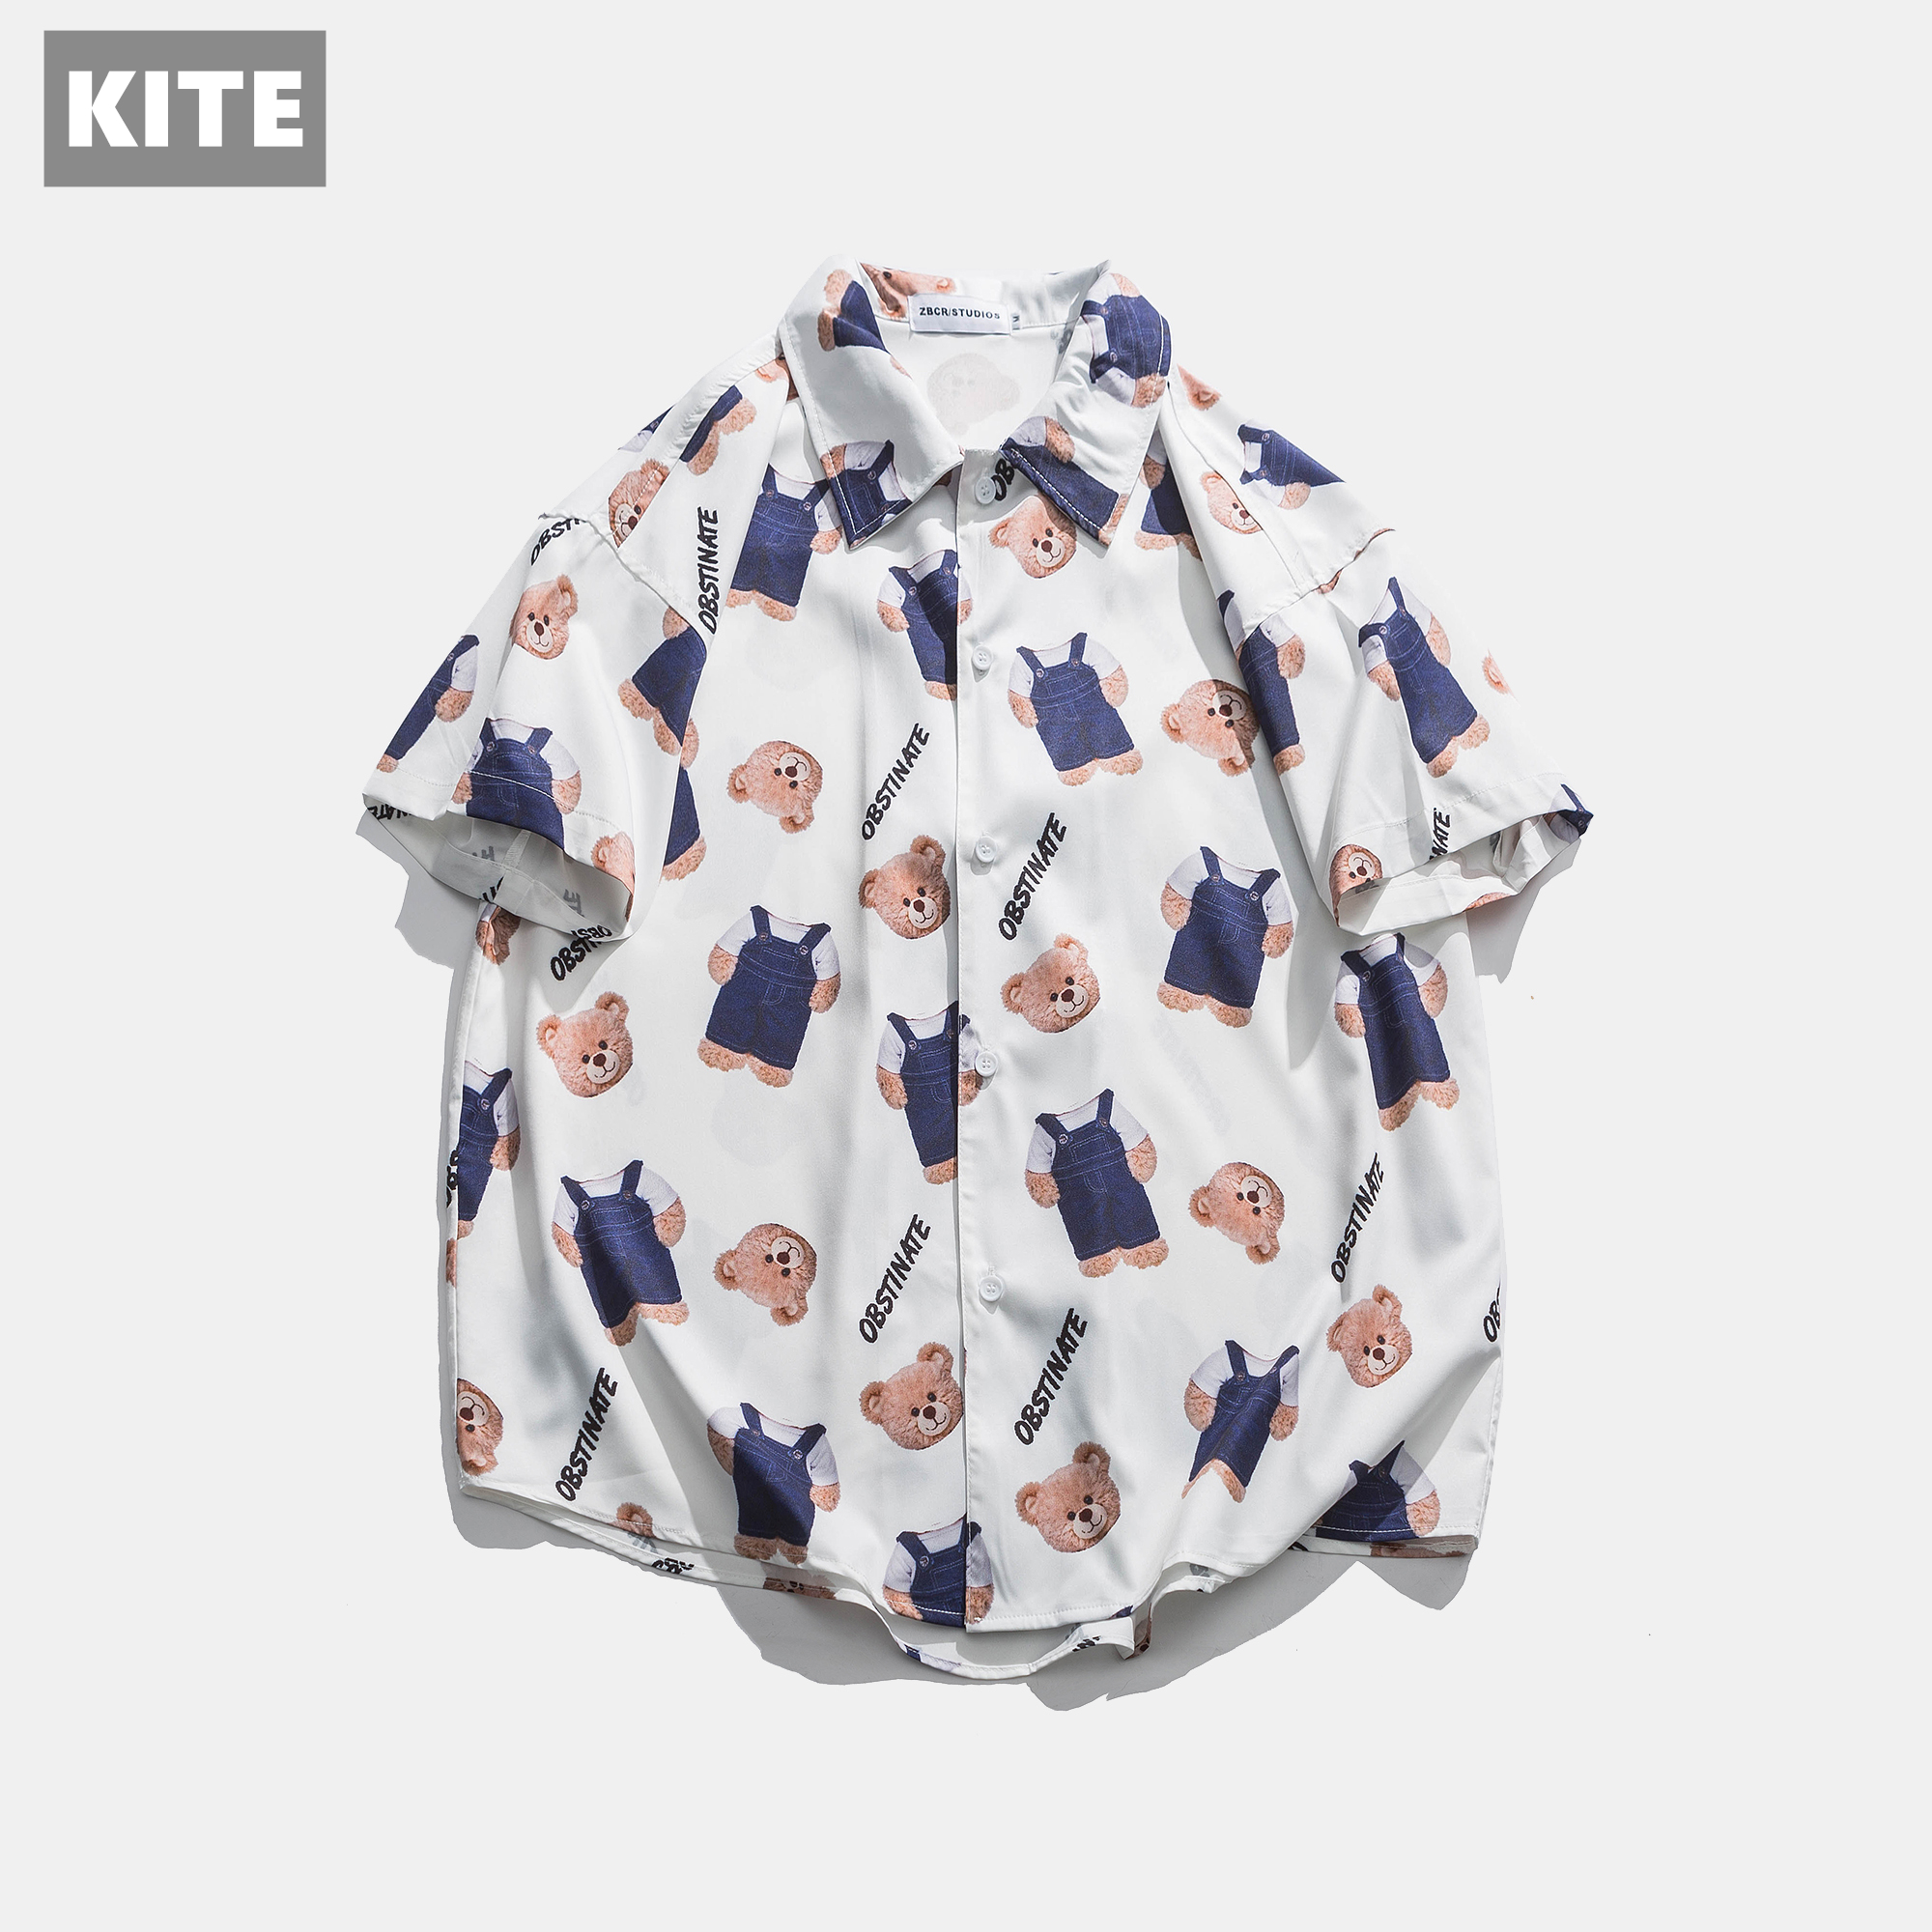 2020夏季新款ins潮流白色小熊花衬衫牛仔带卡通短袖宽松半袖衬